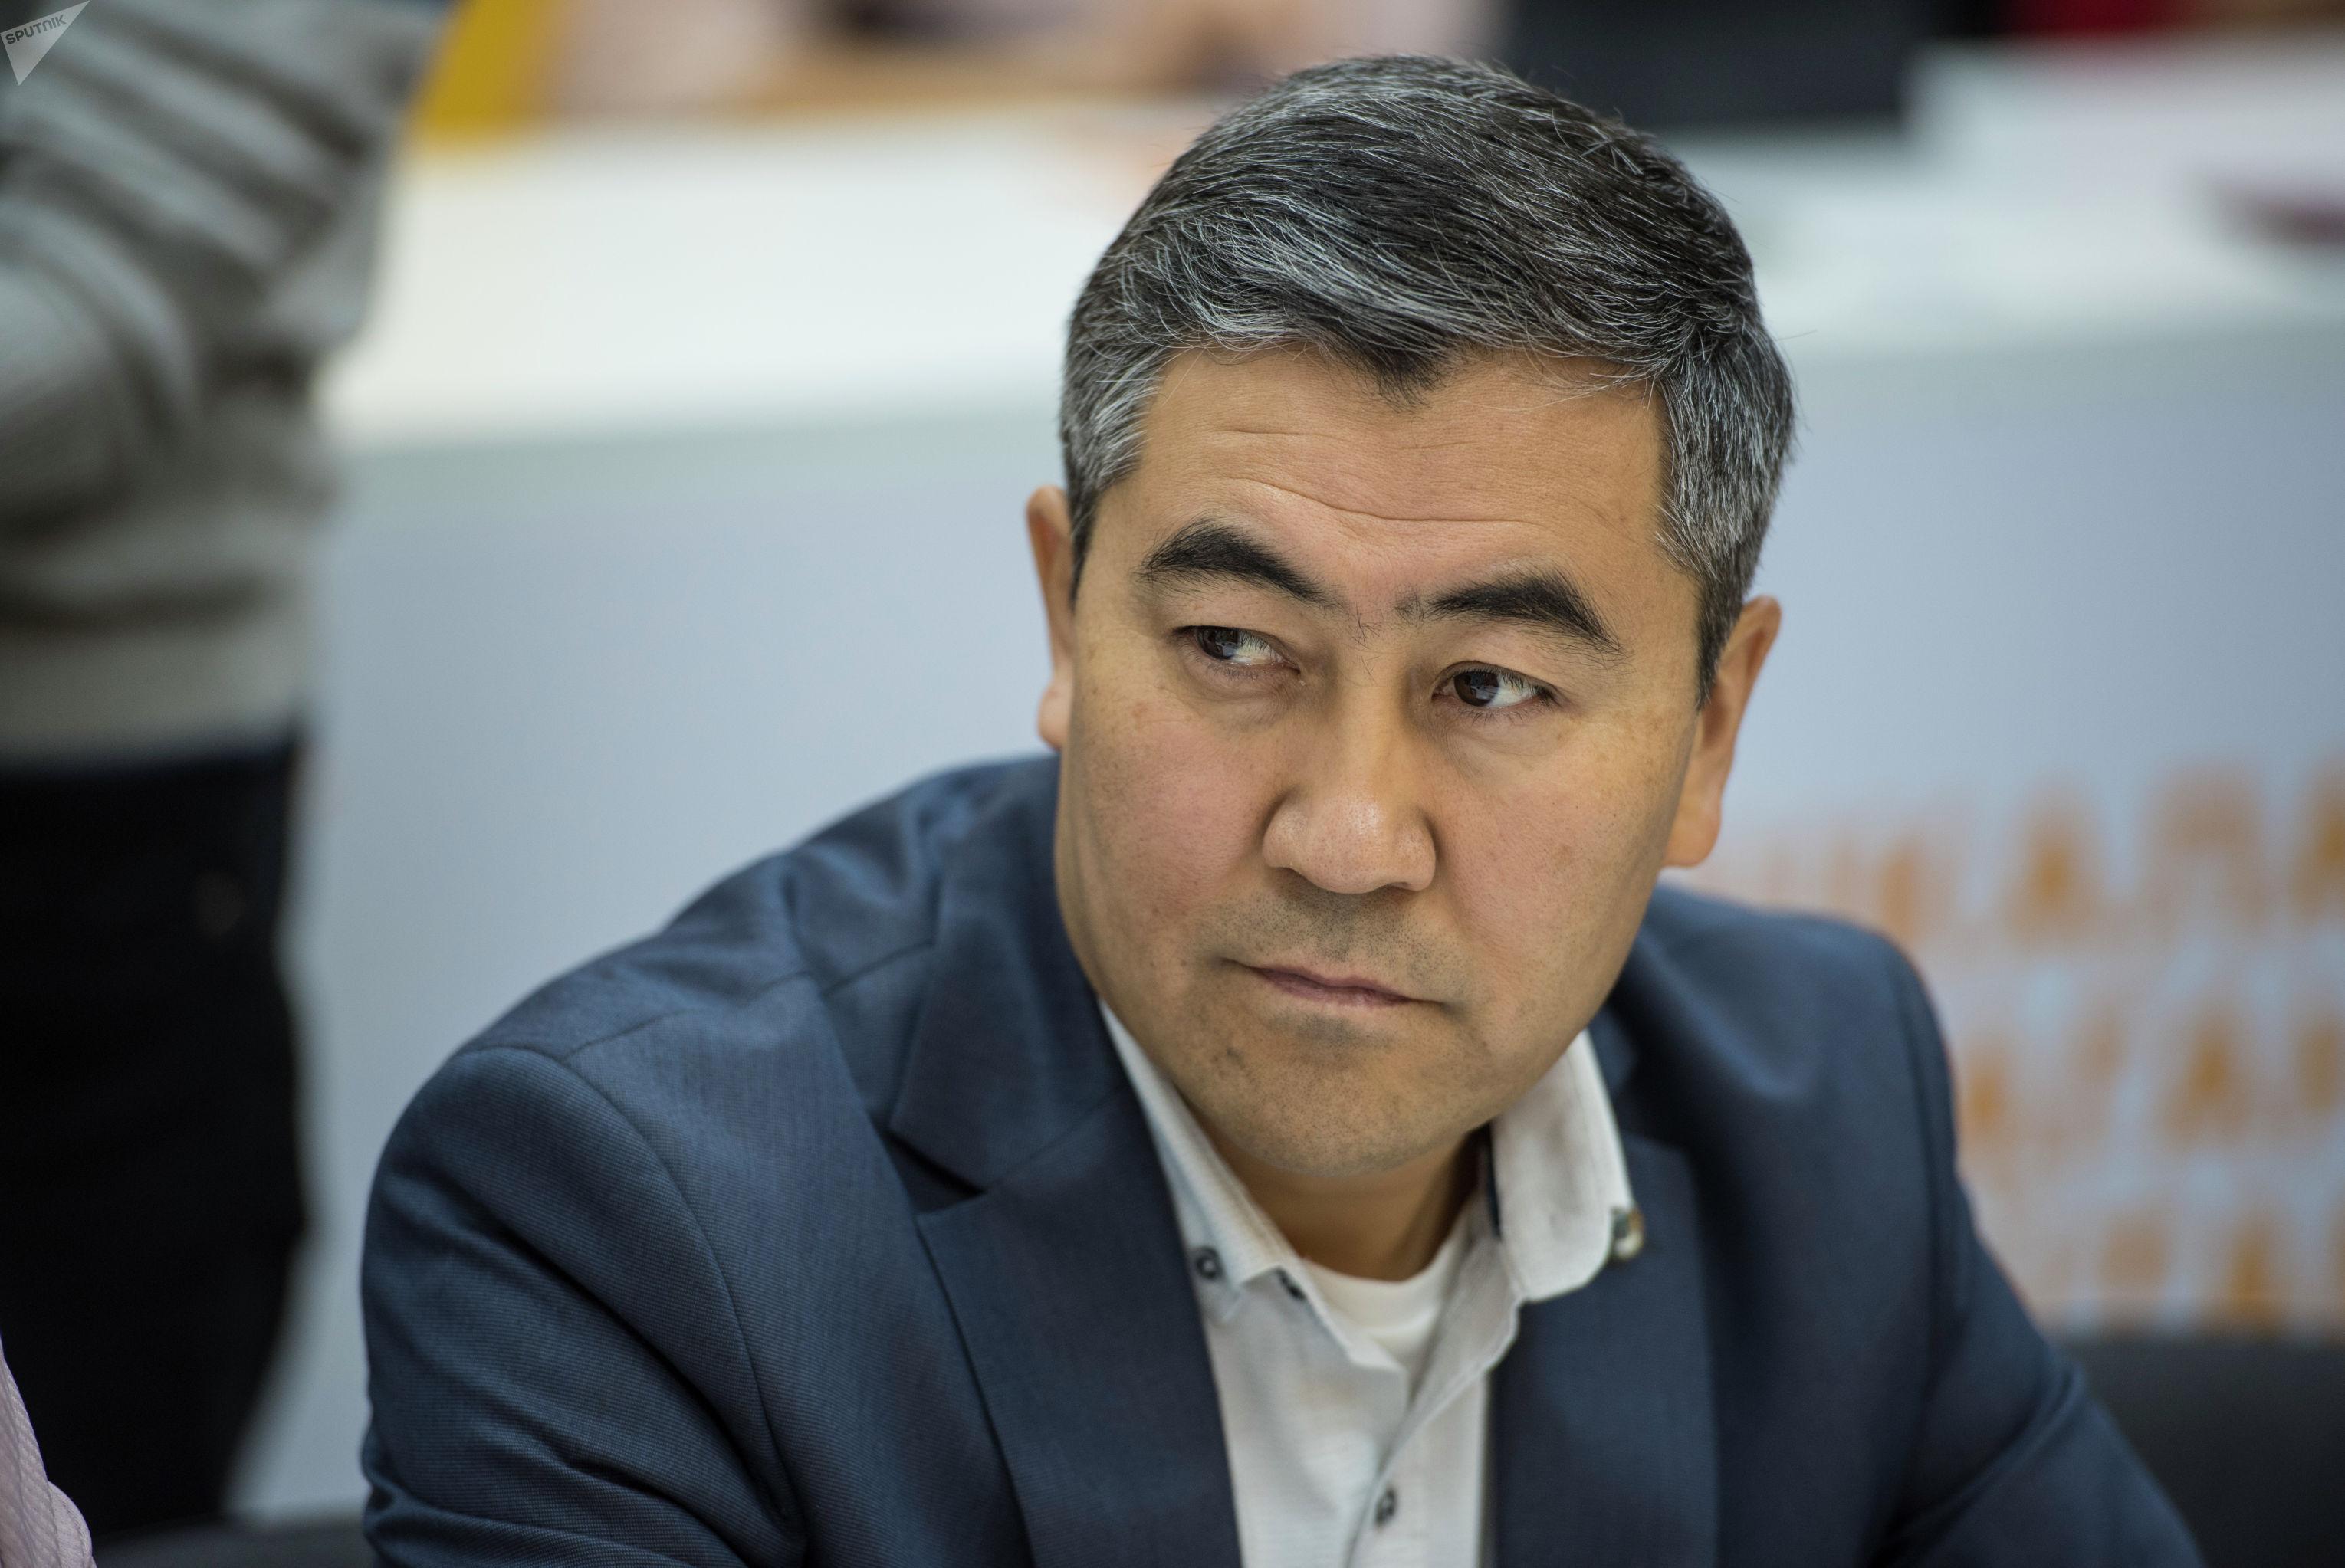 Член общественного совета при Министерстве образования и науки Кенешбек Сайназаров во время круглого стола в мультимедийном пресс-центре Sputnik Кыргызстан.